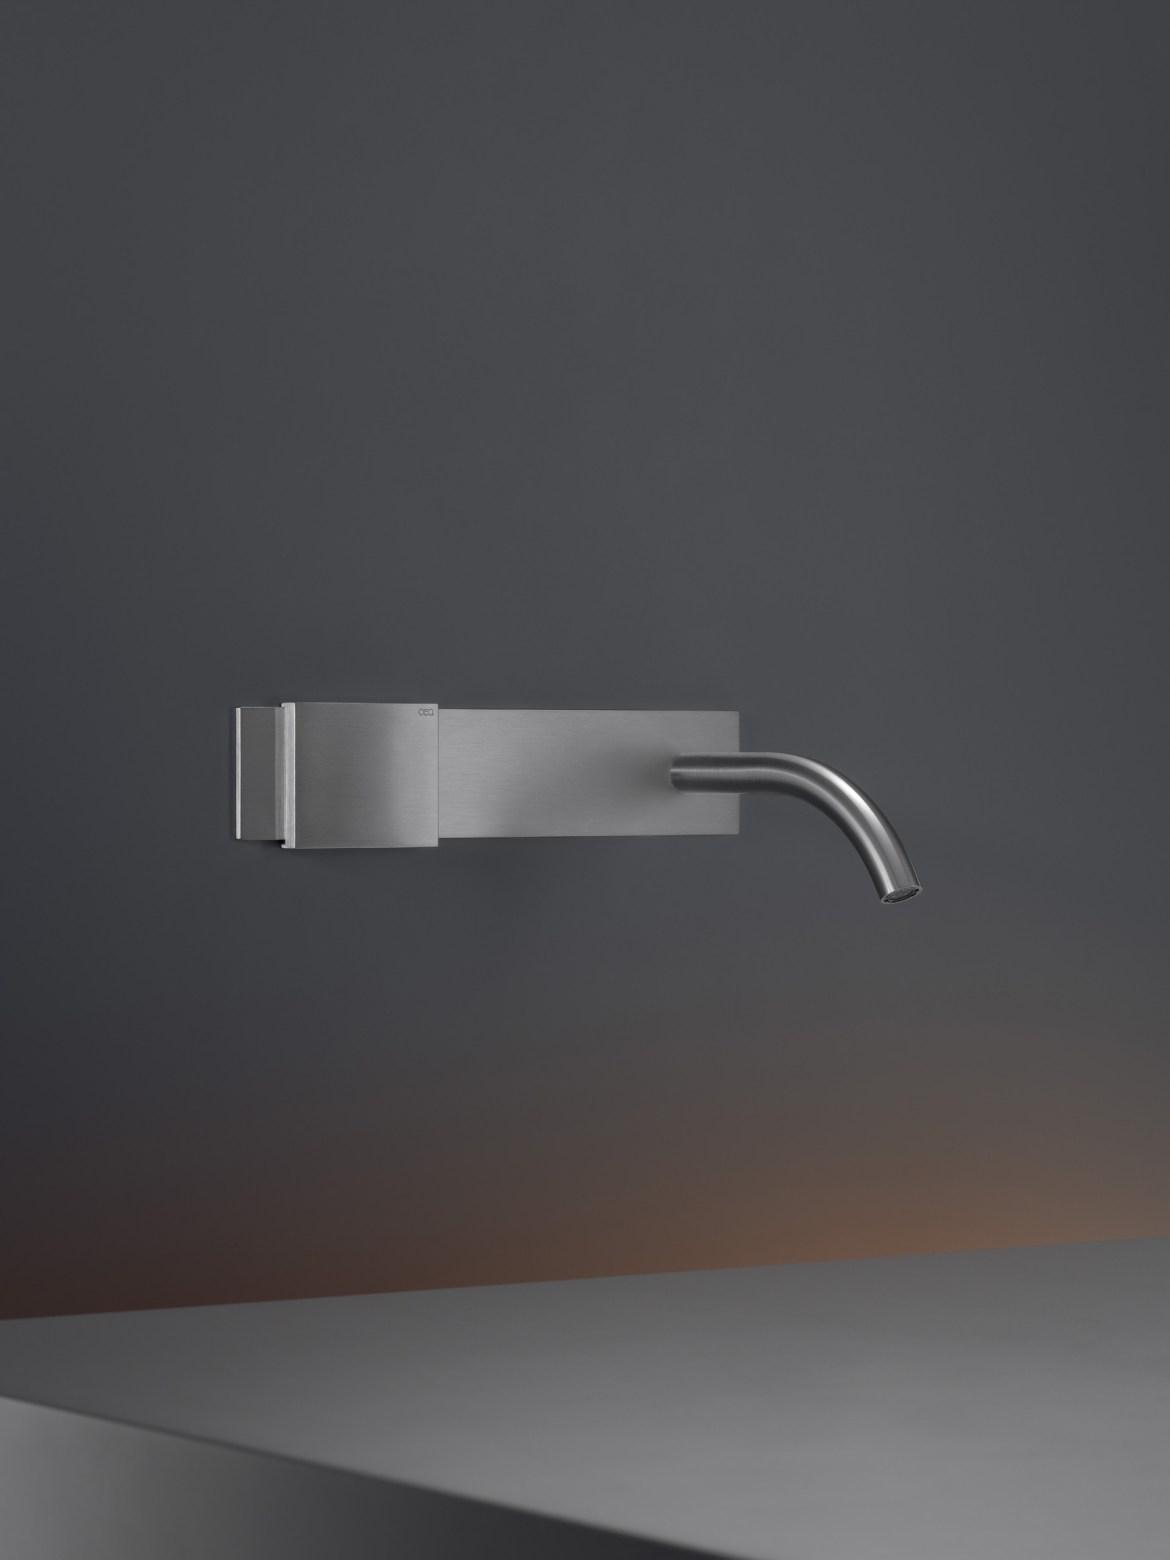 Scegliere la rubinetteria da bagno: consigli utili